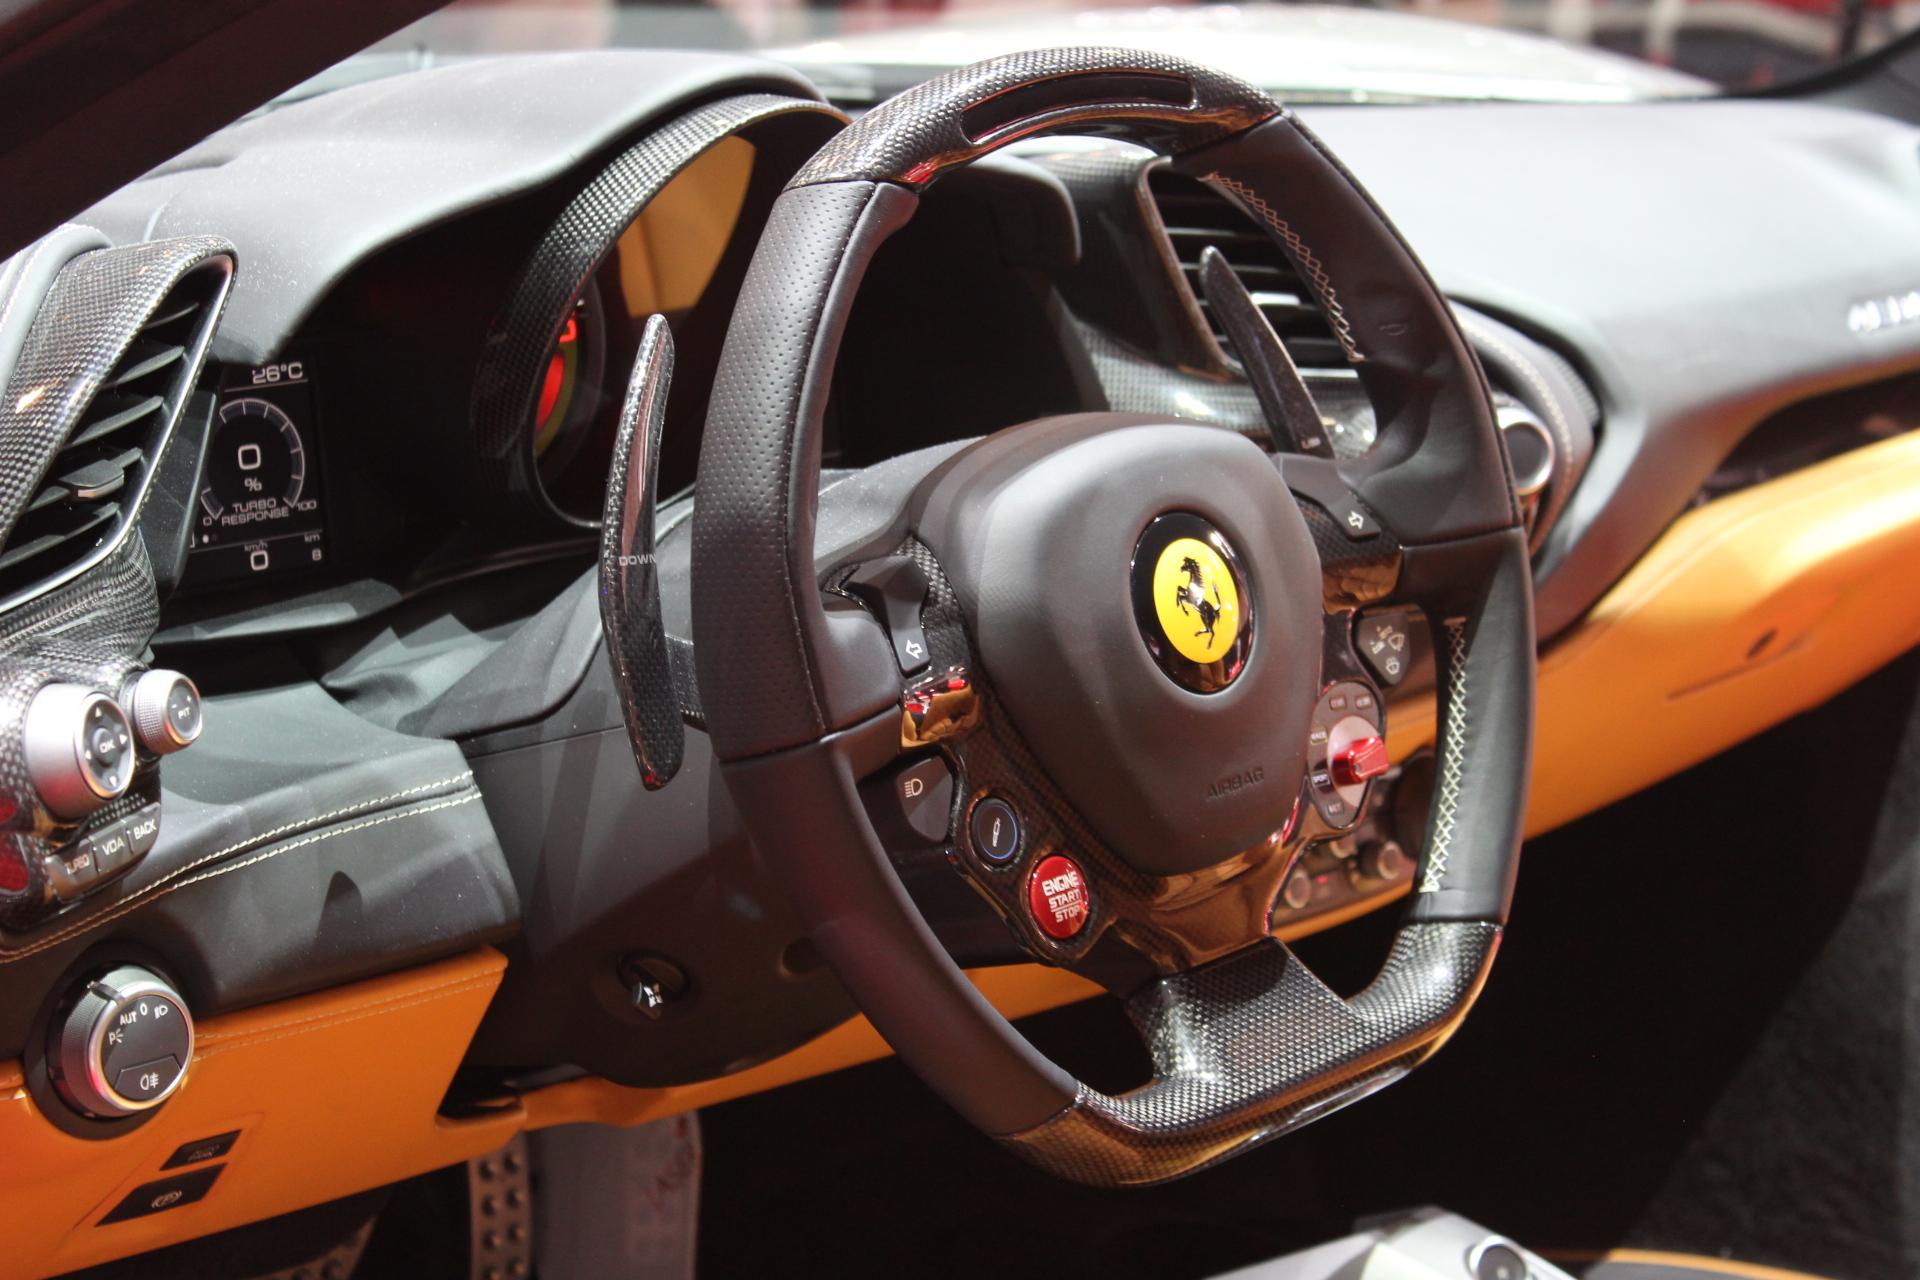 S0-Ferrari-488-GTB-les-bienfaits-du-turbo-En-direct-du-salon-de-Geneve-2015-347089